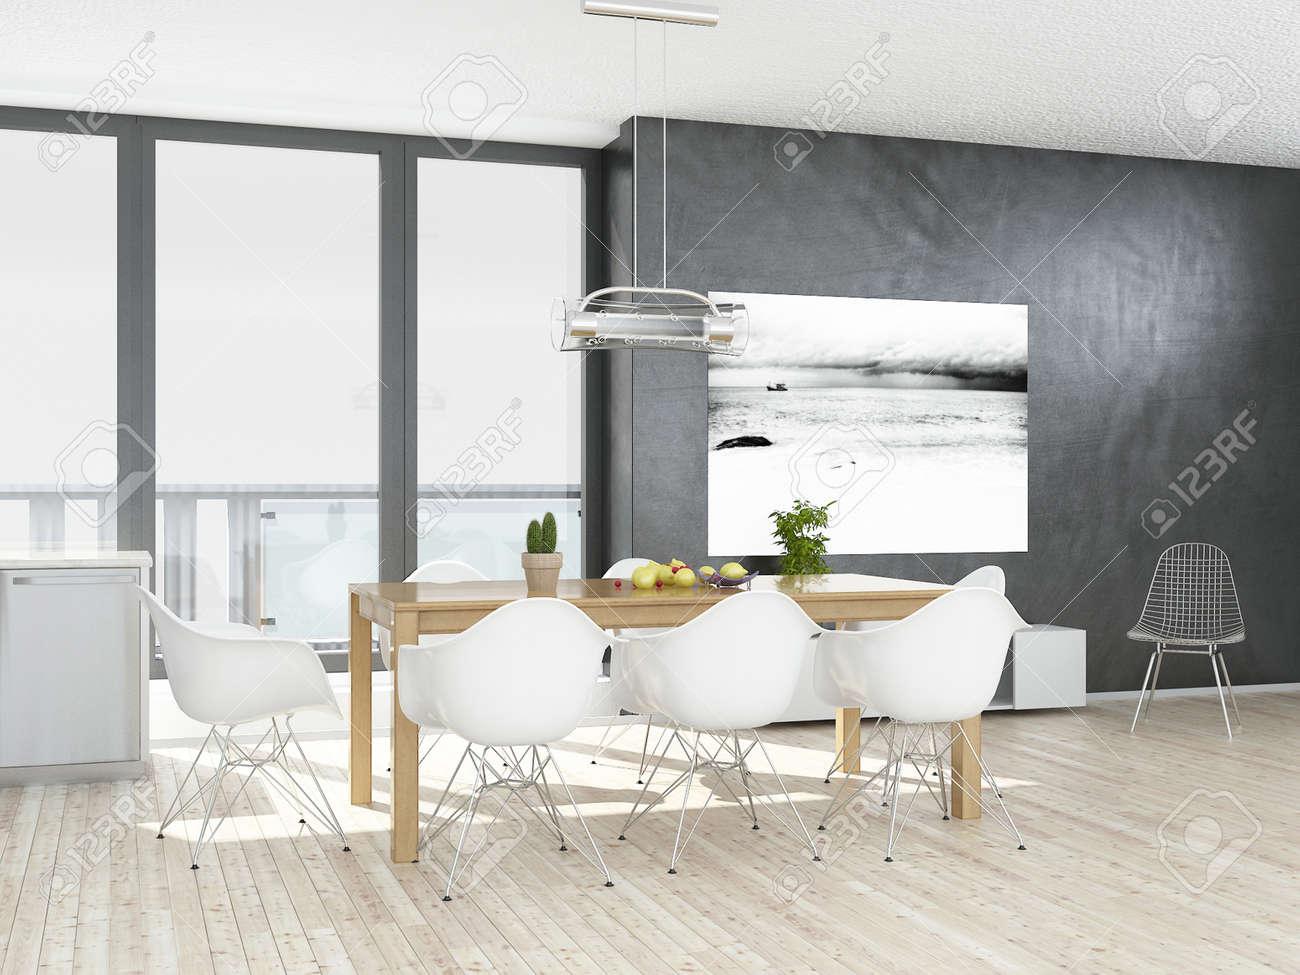 Esszimmer Grau | Moderne Grau Und Weiss Esszimmer Mit Holzboden Lizenzfreie Fotos